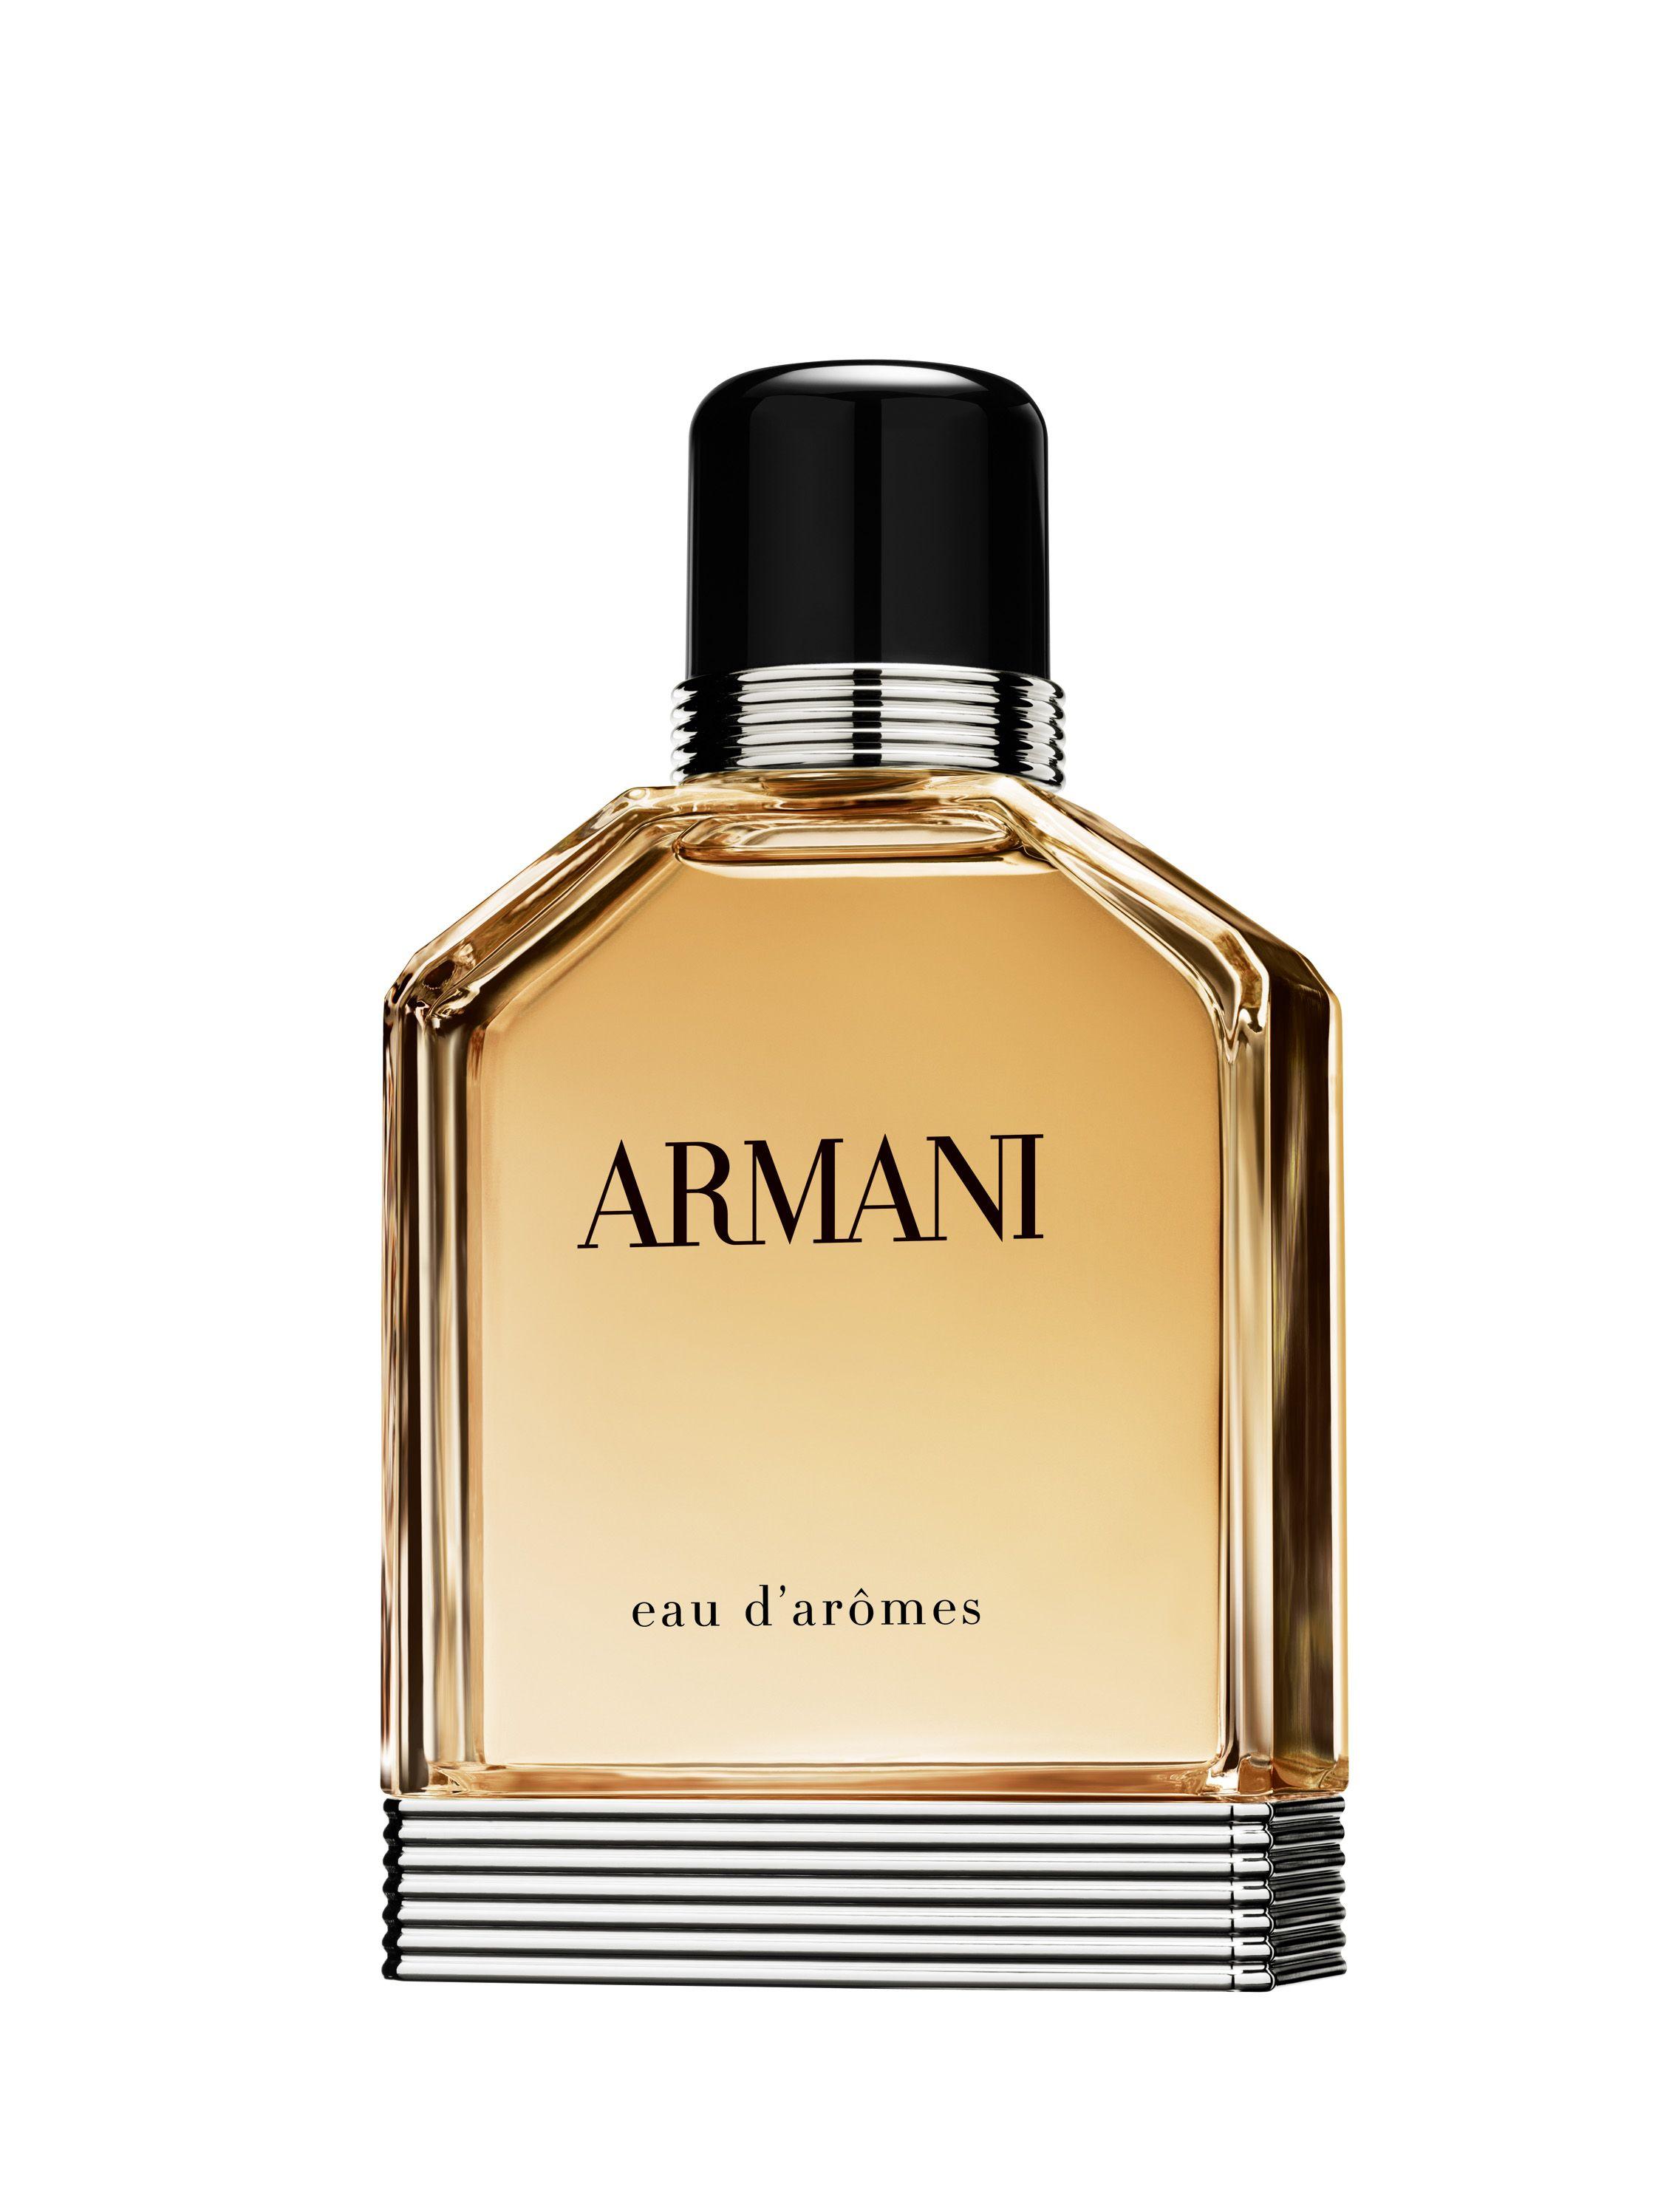 2e87dd91ee GIORGIO ARMANI EAU D'AROMES finalista categoria miglior profumo dell ...